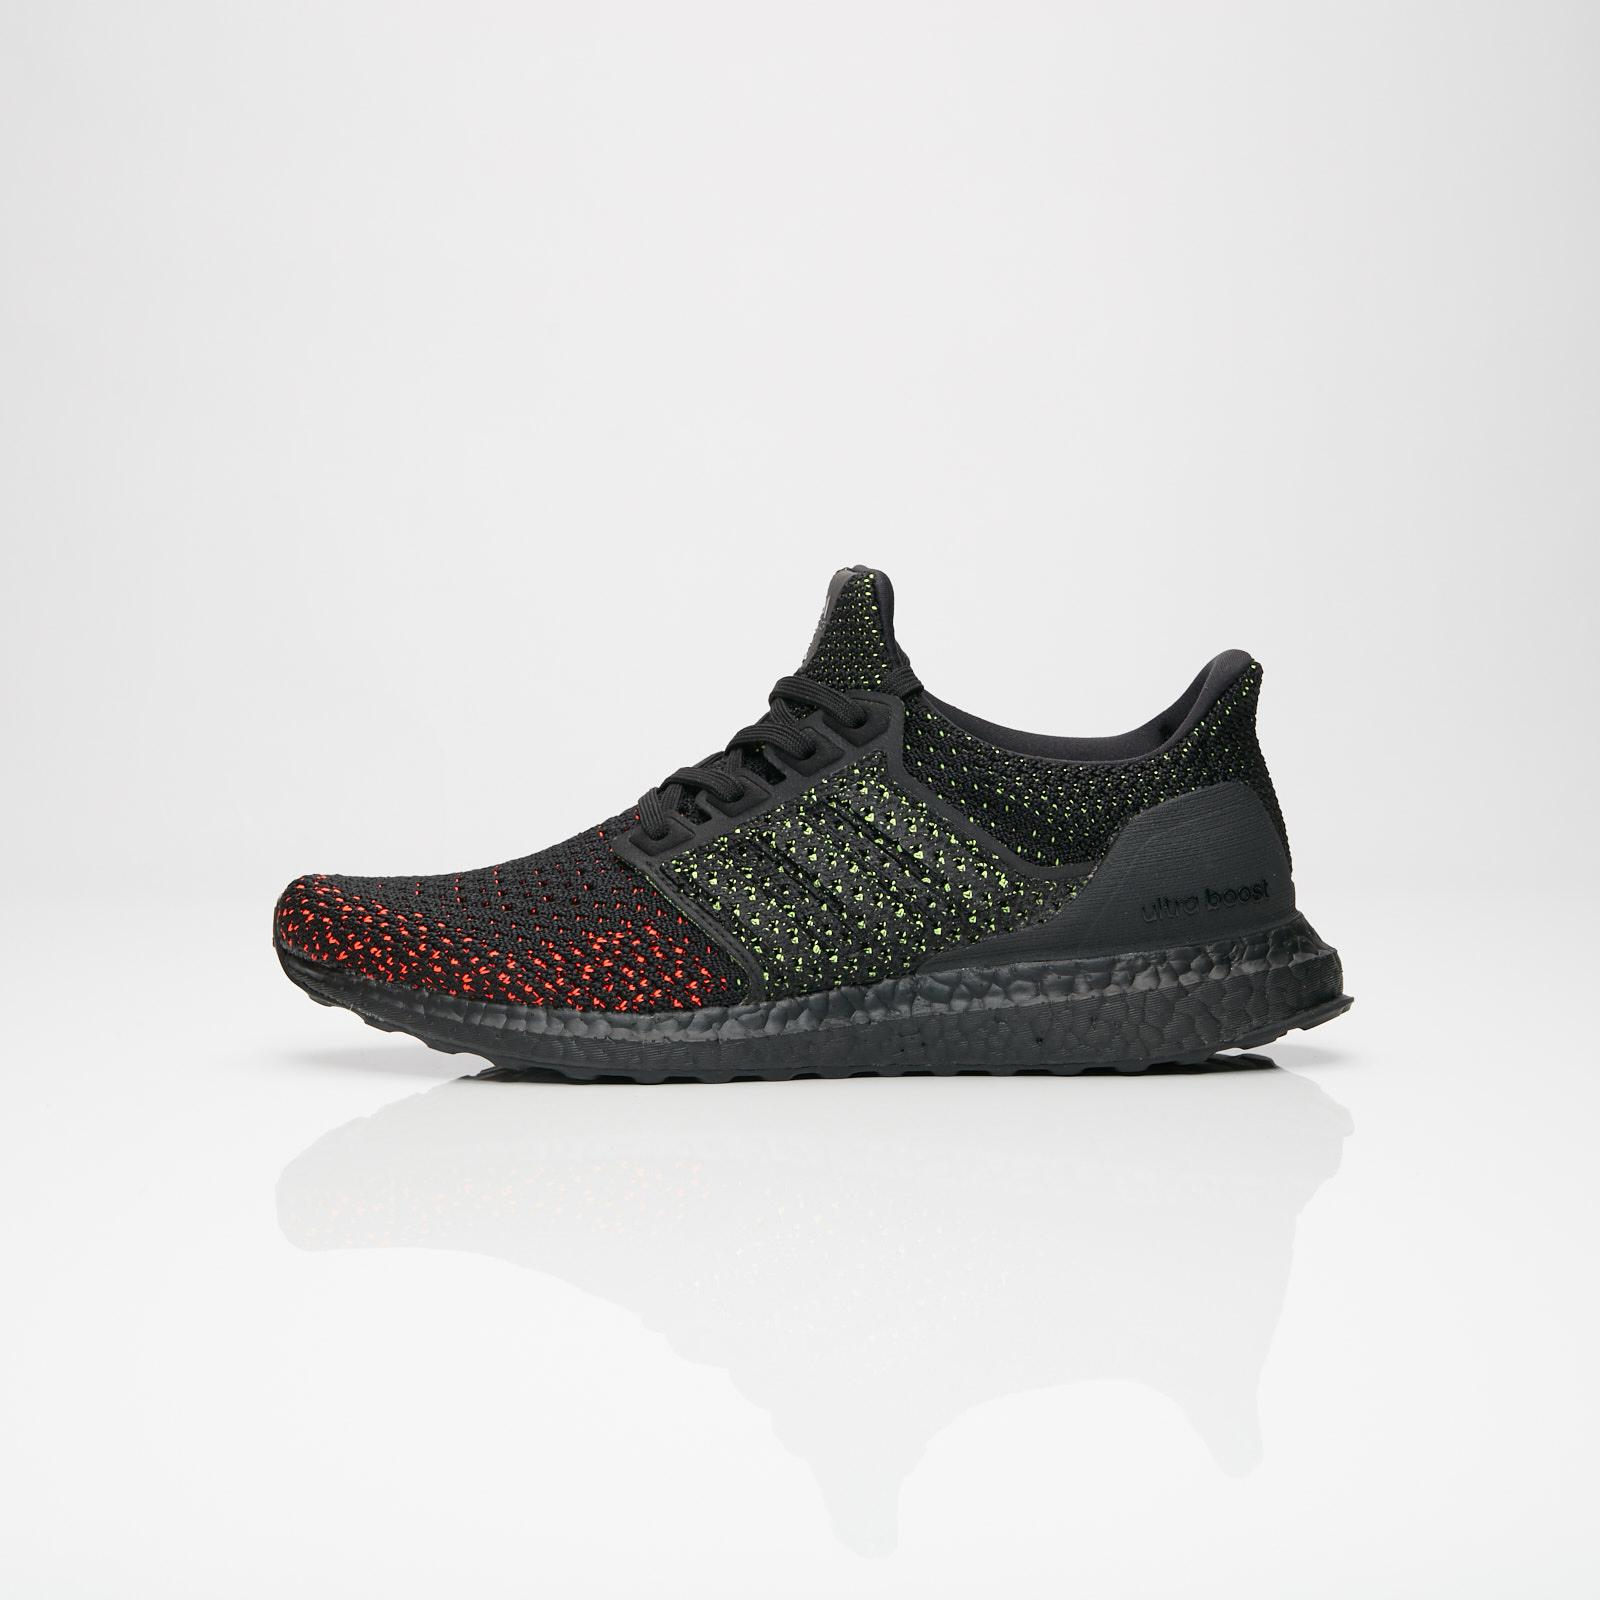 f9136a5a3b186 adidas Ultraboost Clima - Aq0482 - Sneakersnstuff